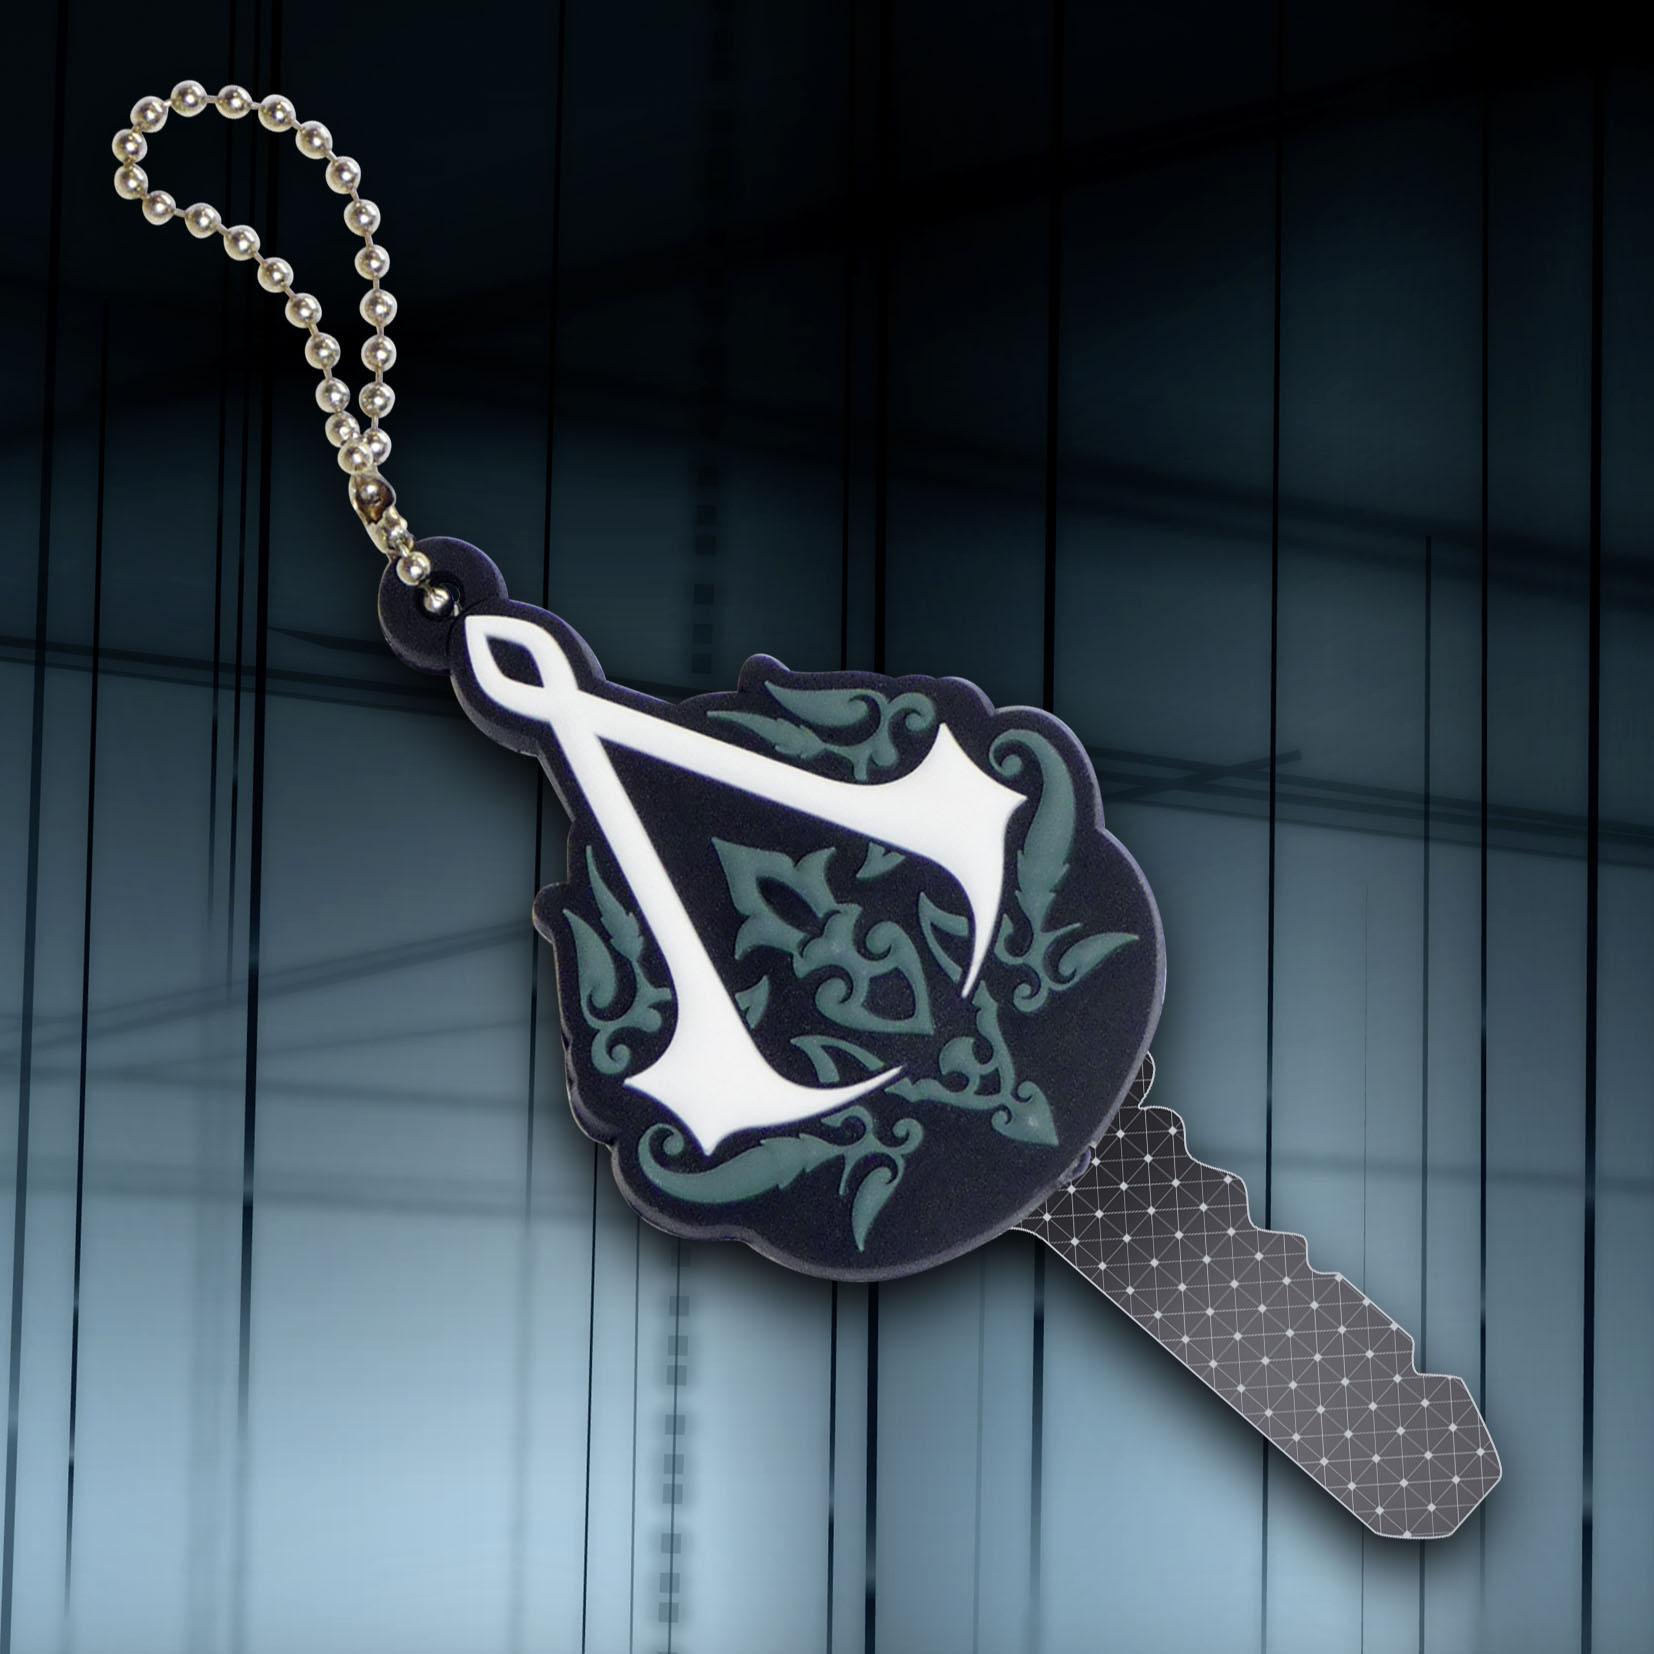 Velká soutěž s Assassin's Creed: Revelations 56147